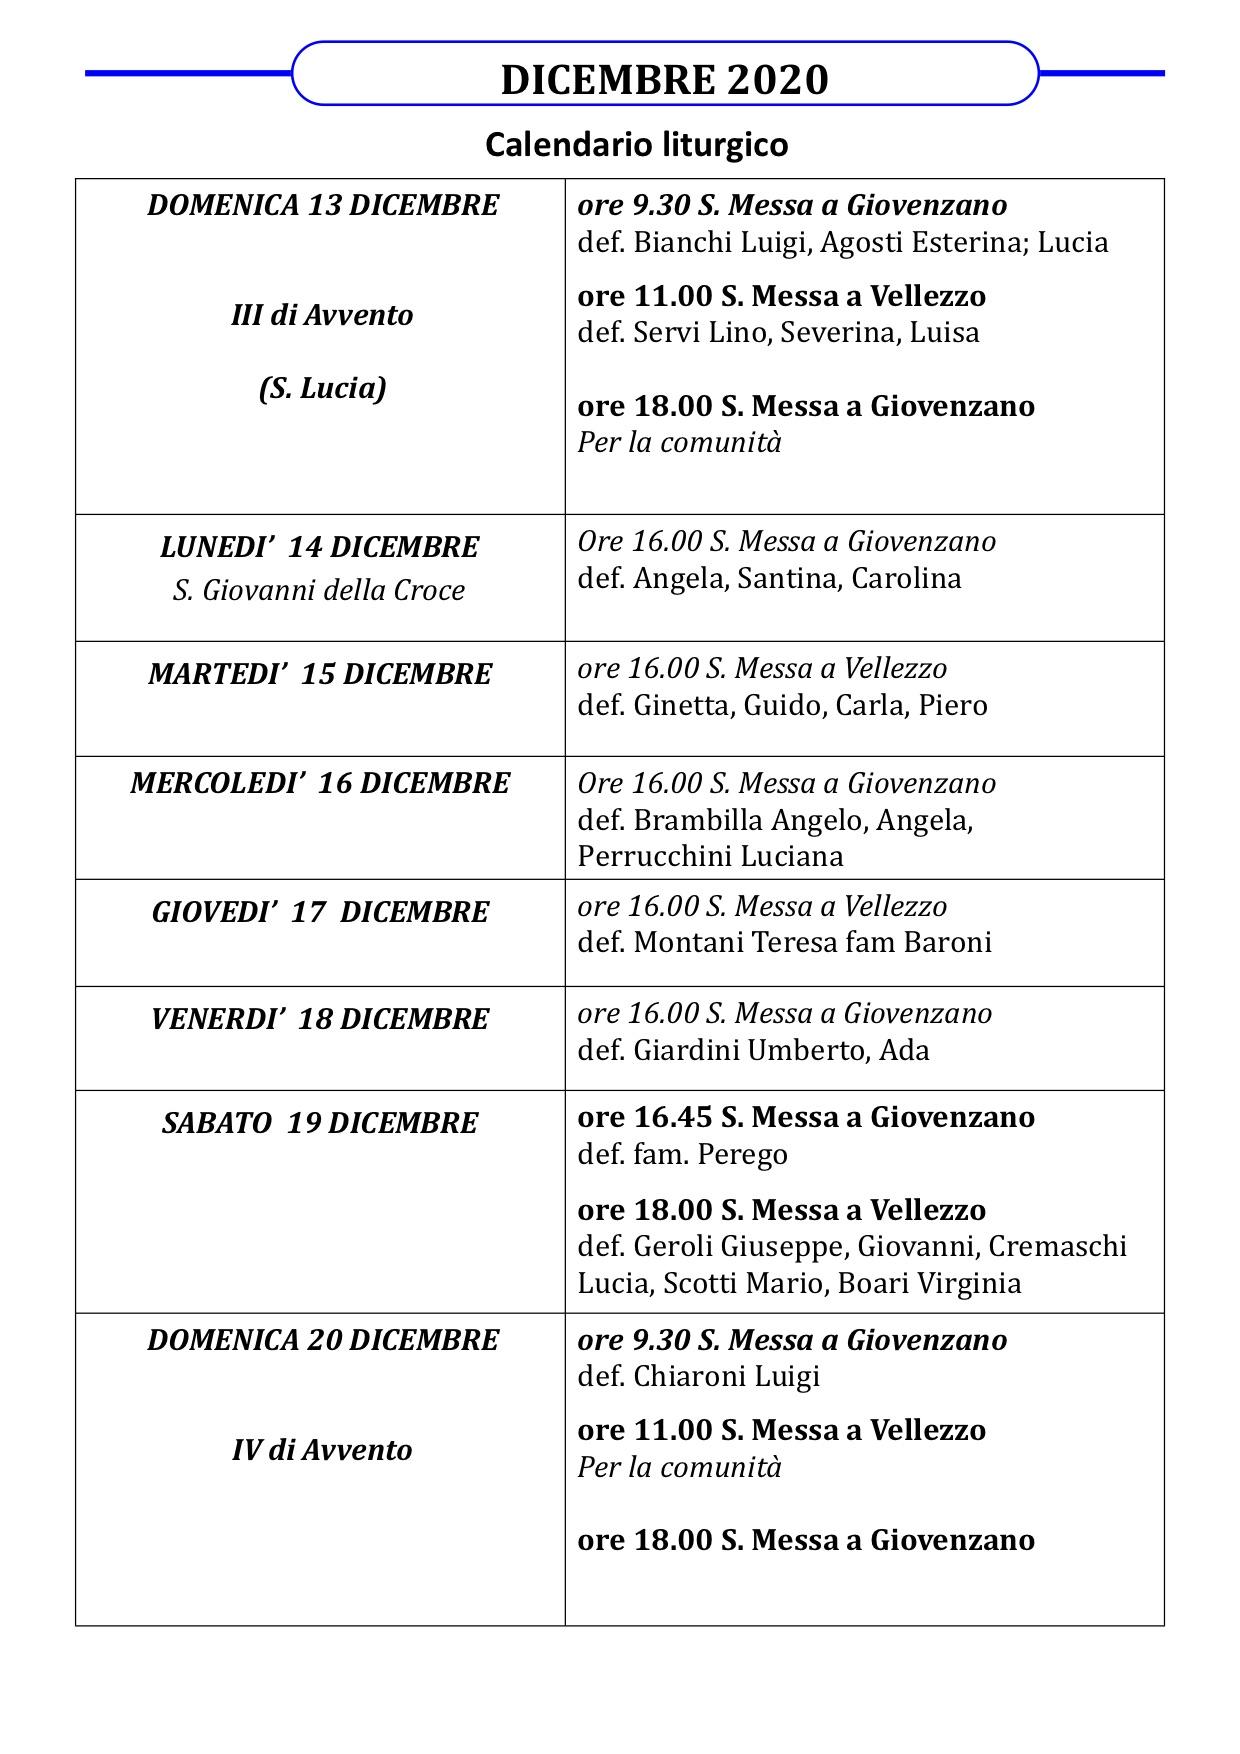 Calendario Liturgico dal 13 al 20 dicembre